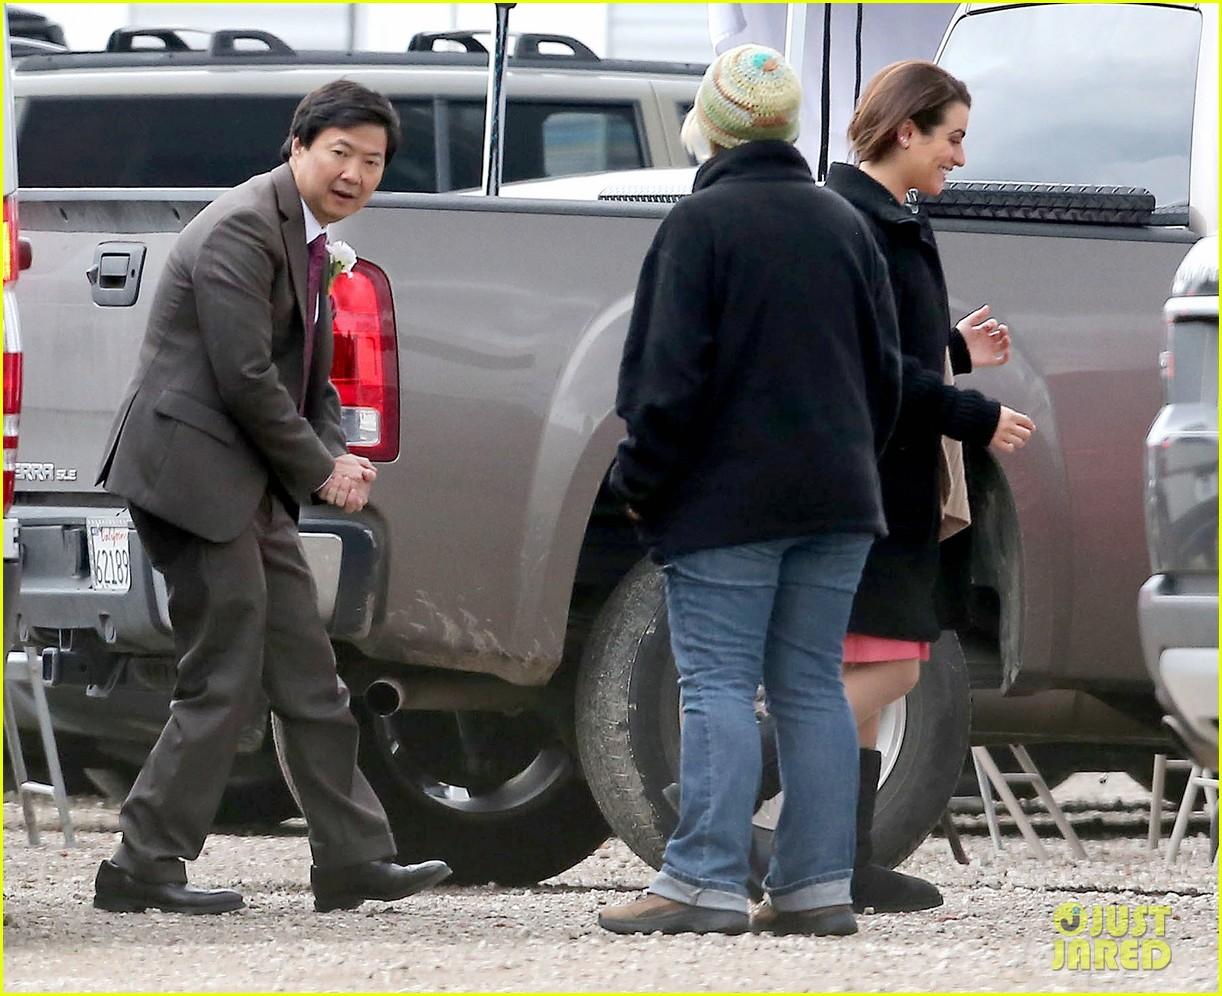 Glee' Cast Welcomes Ken Jeong for Final Season Guest Spot